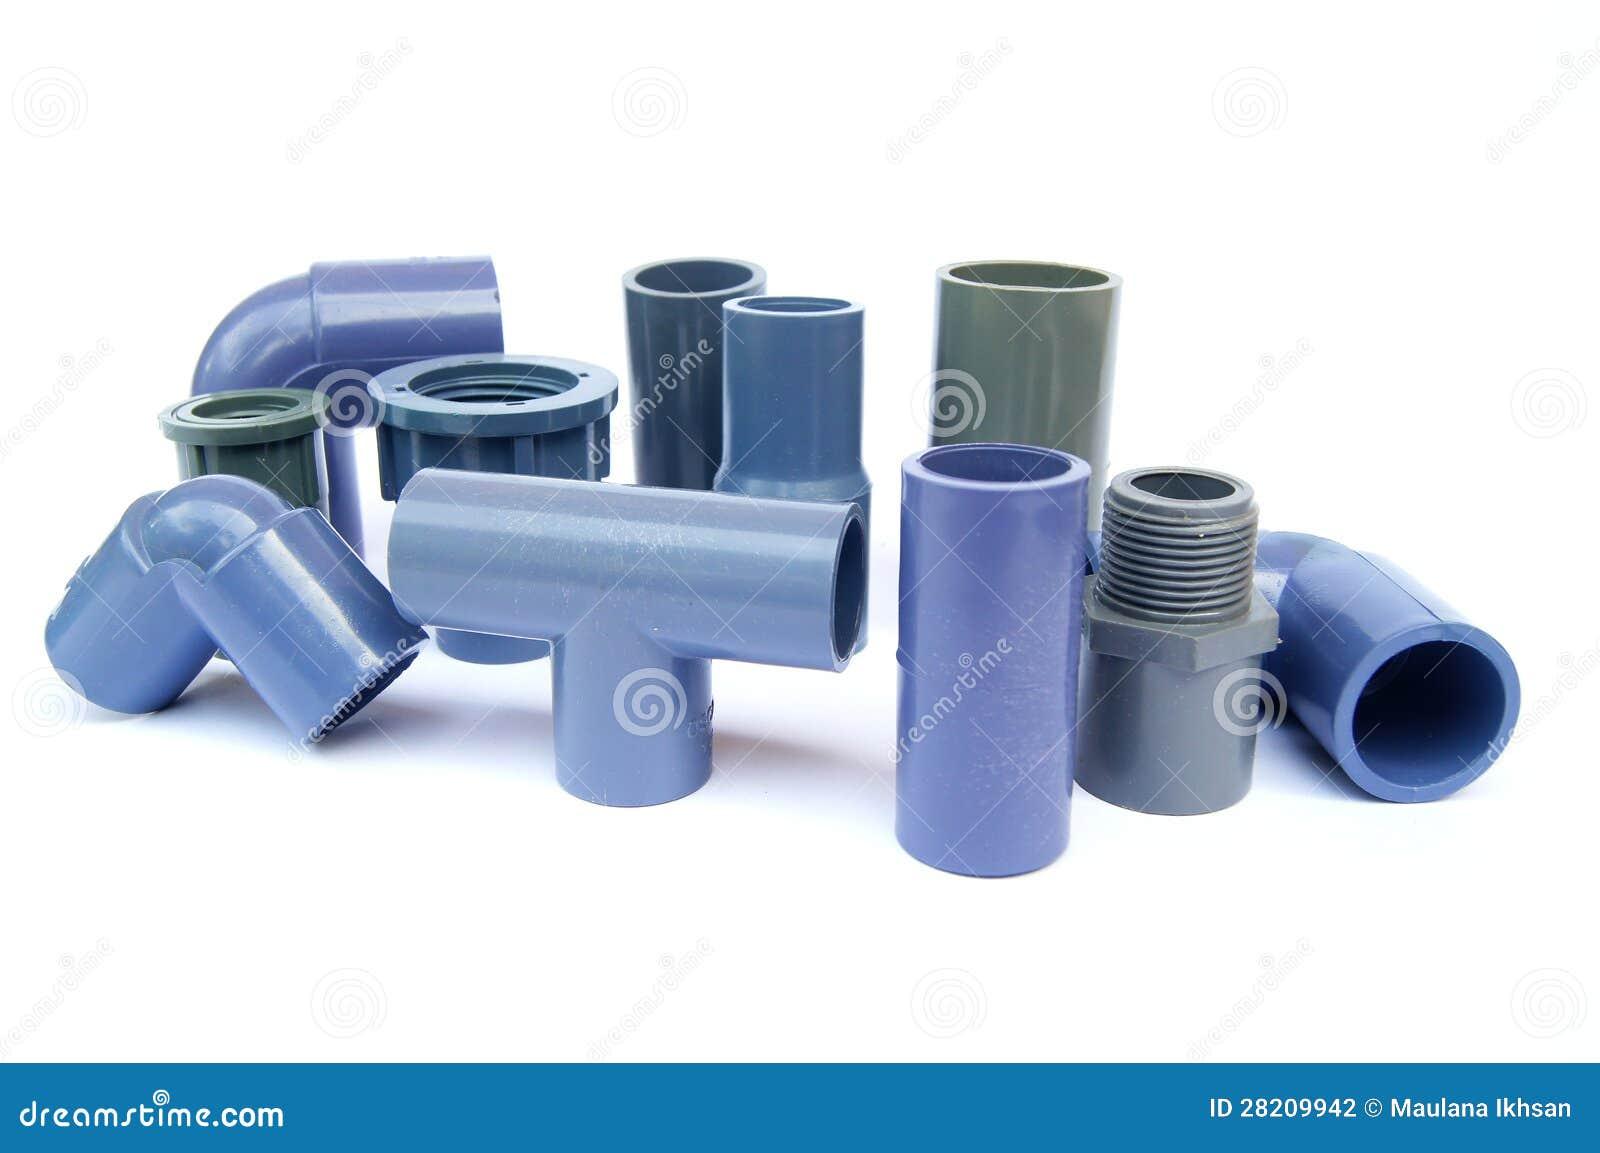 Vari tipi di accessori per tubi